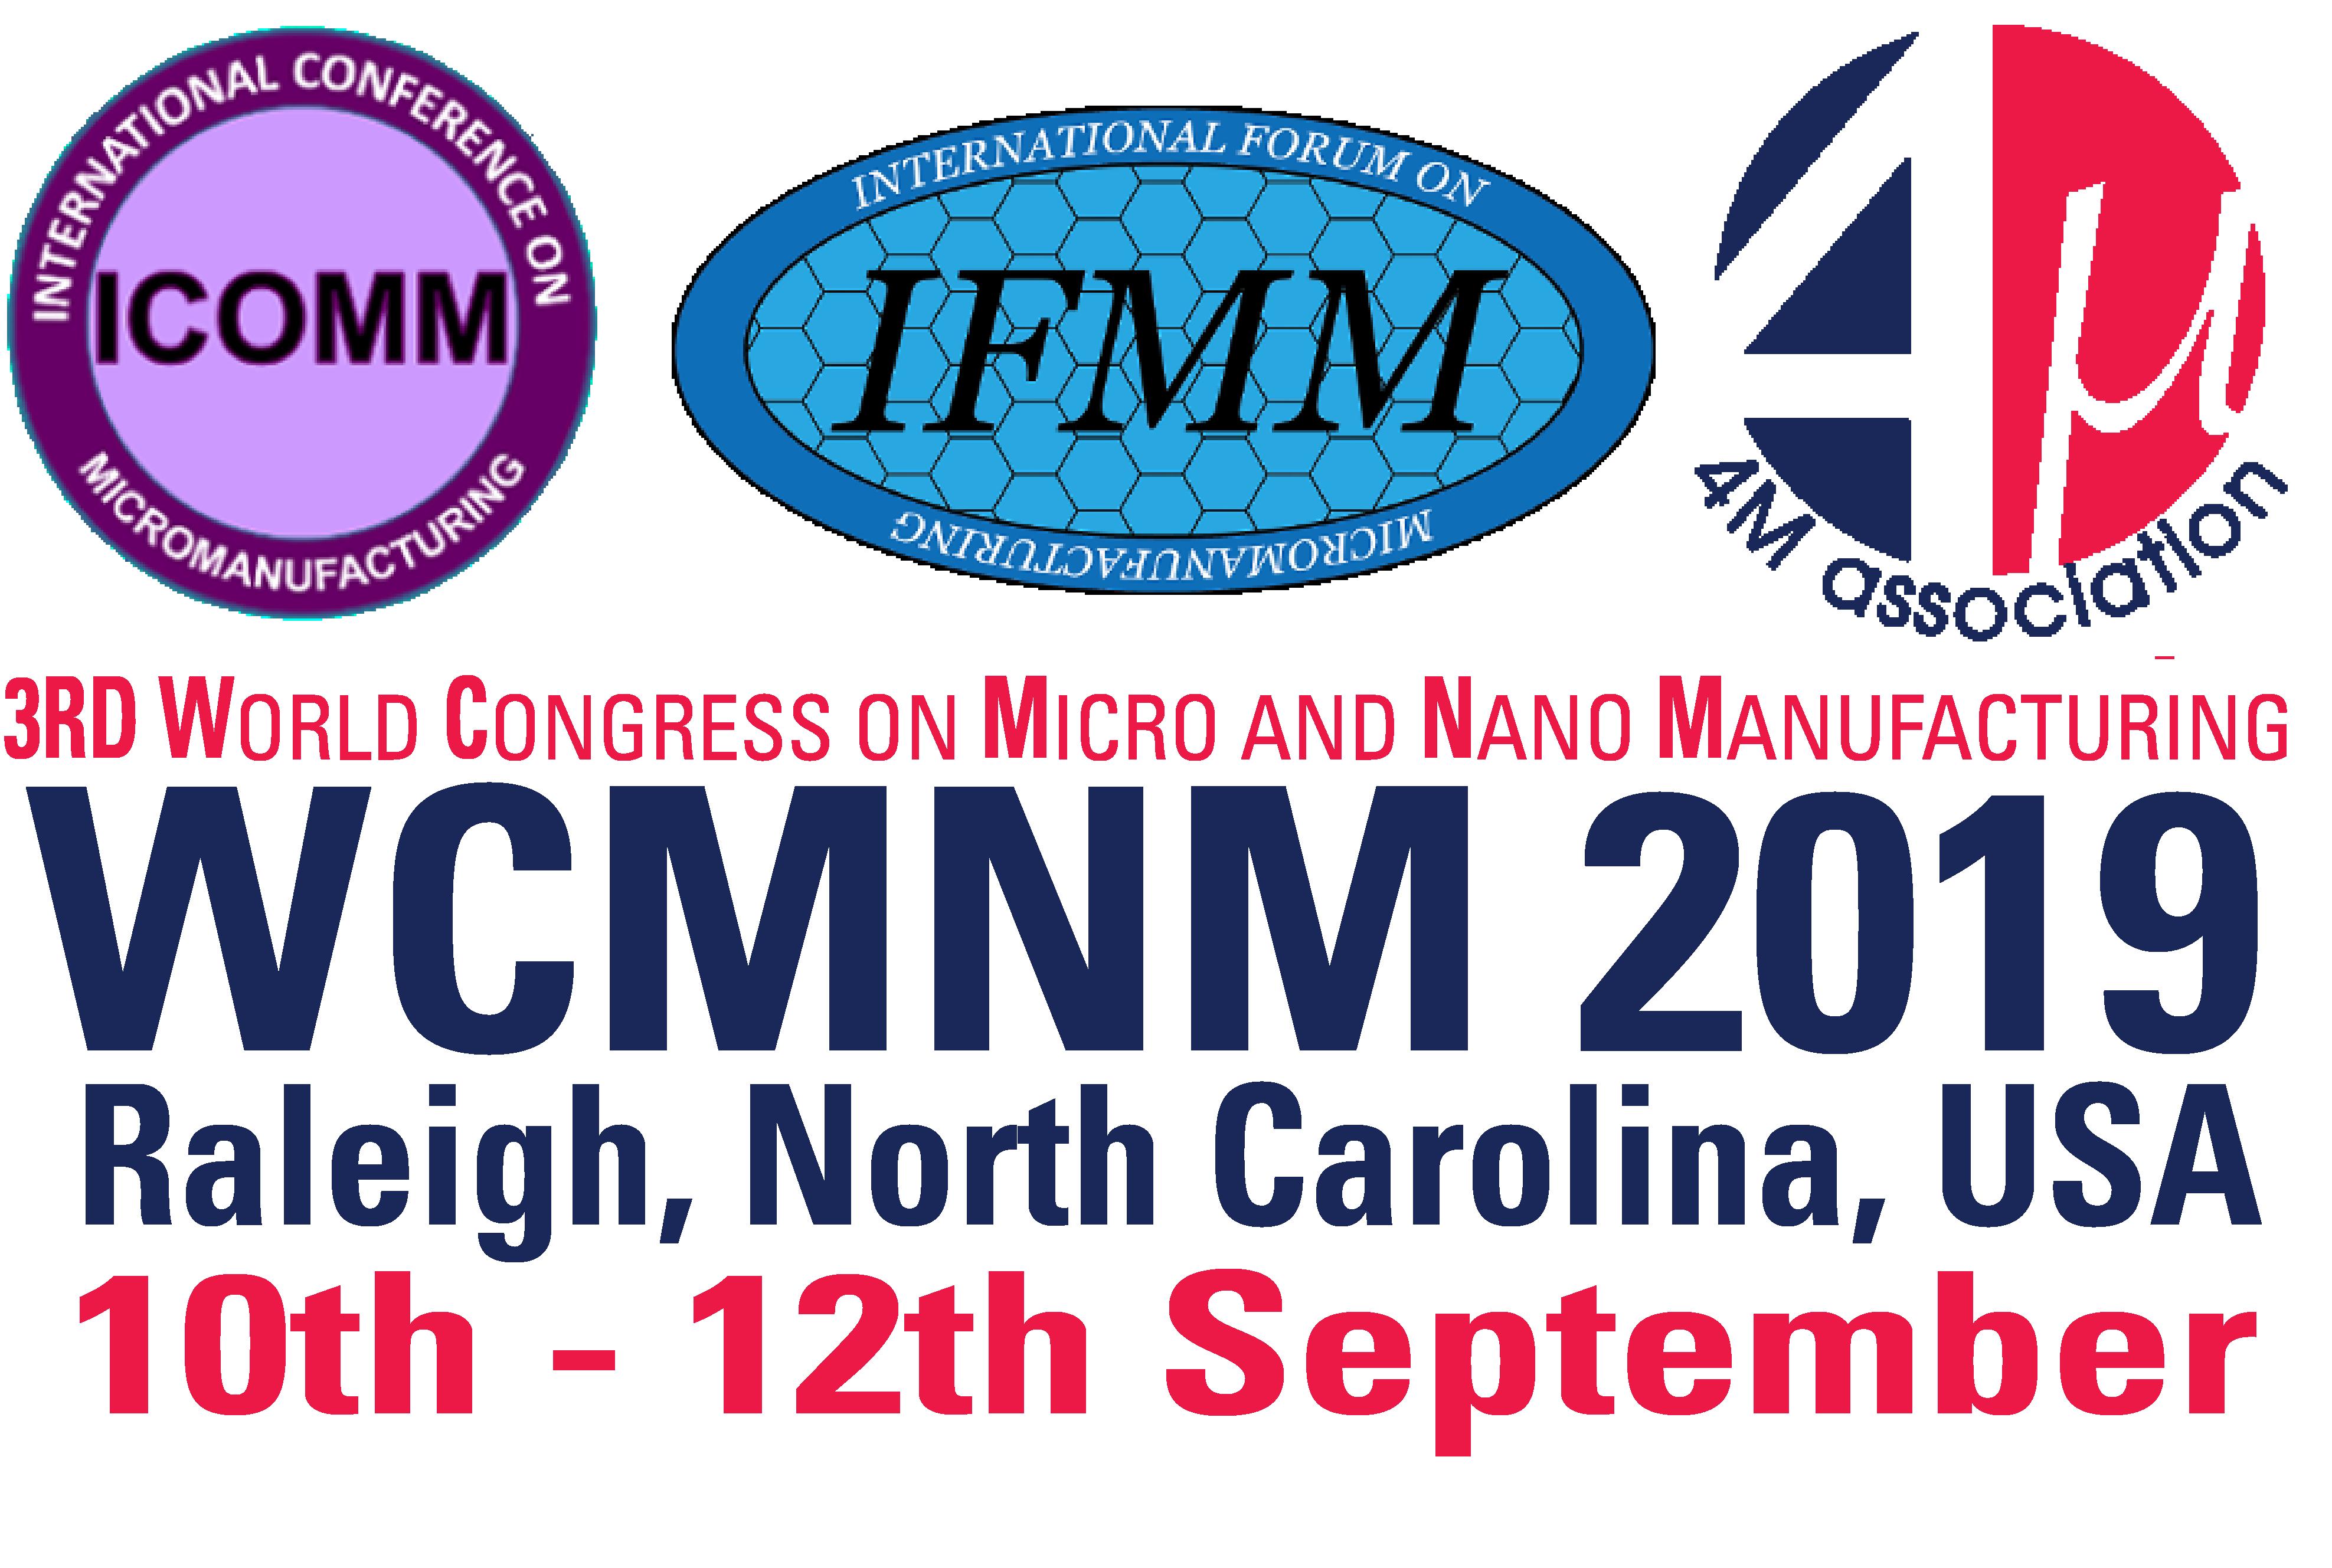 WCMNM 2019